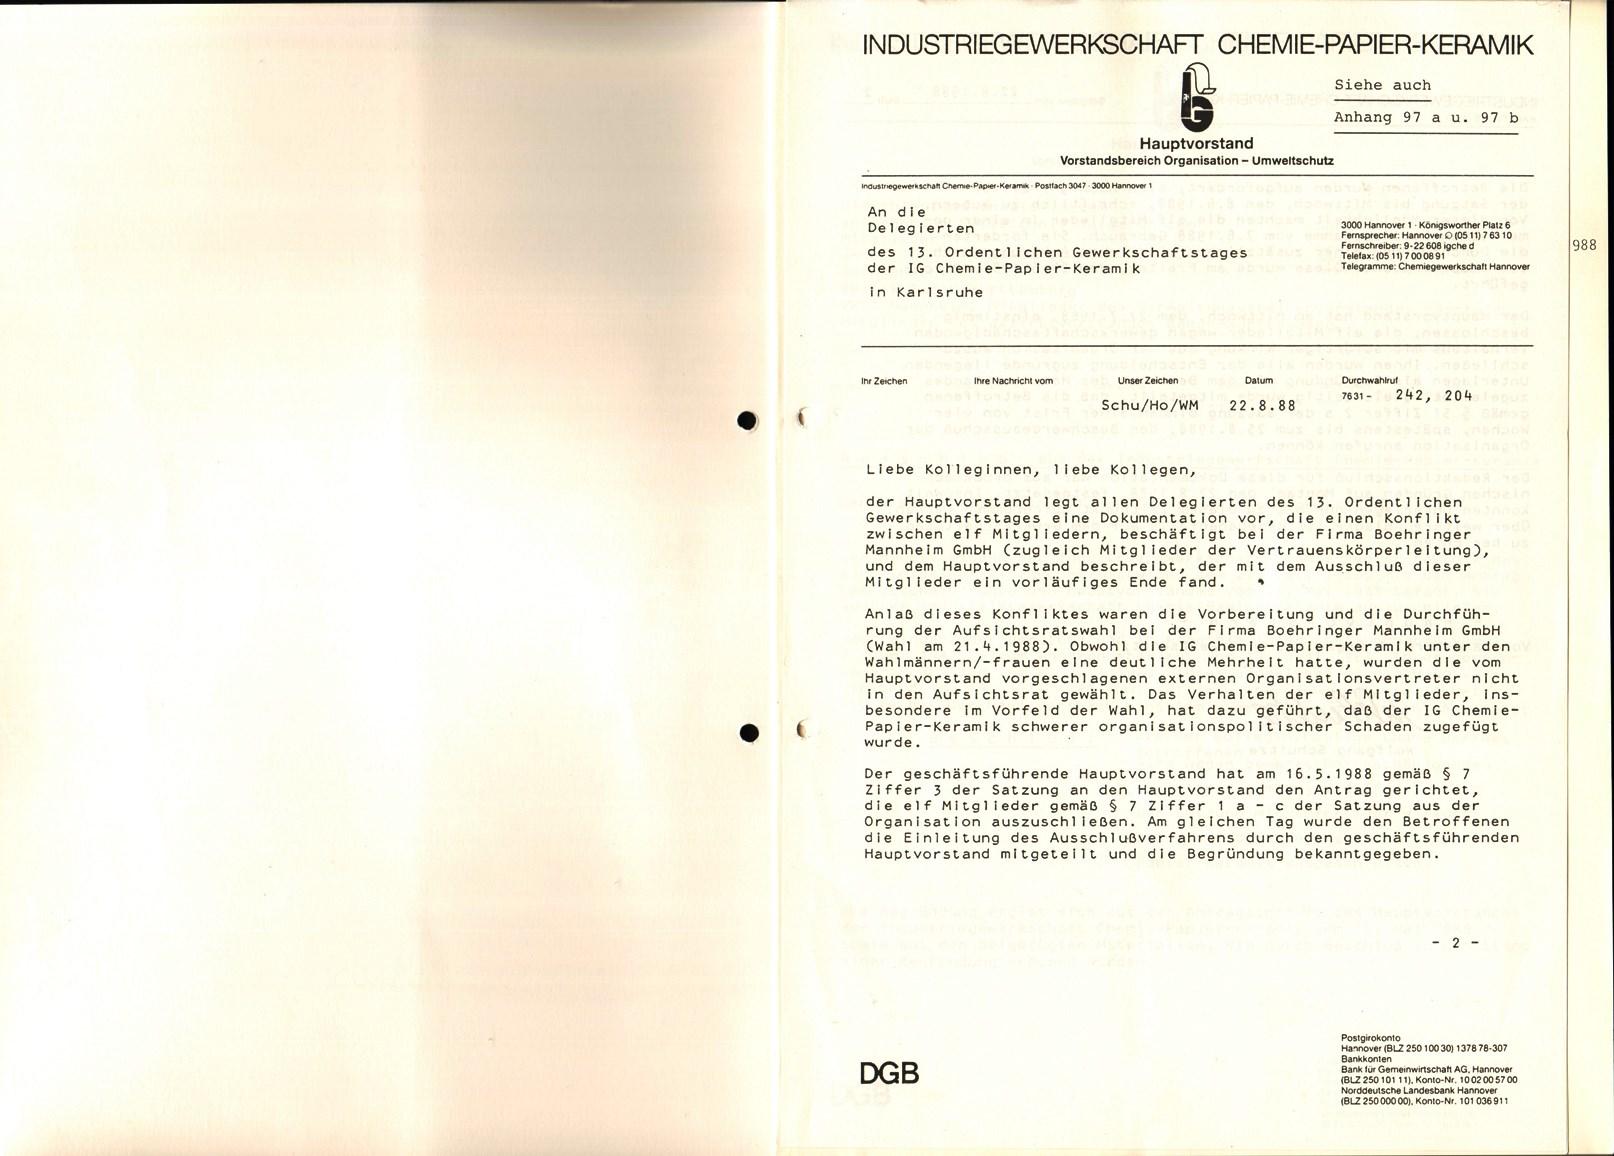 Mannheim_Boehringer_Ausschluss_VKL_Doku1_1988_02